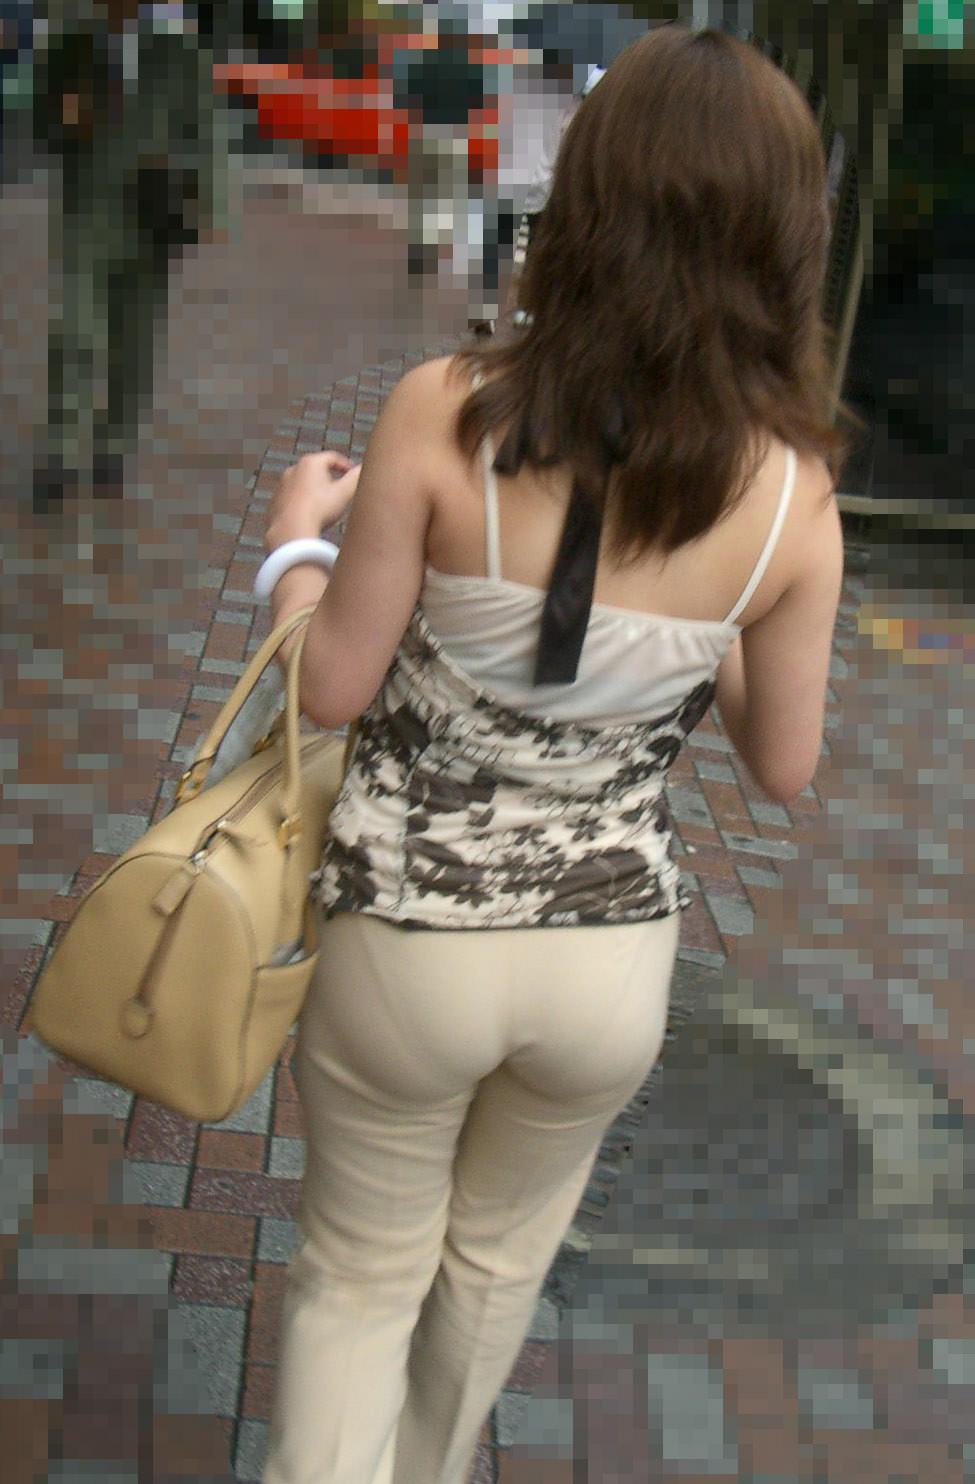 おっぱいよりもお尻をアピールする女子の街撮りエロ画像 11118